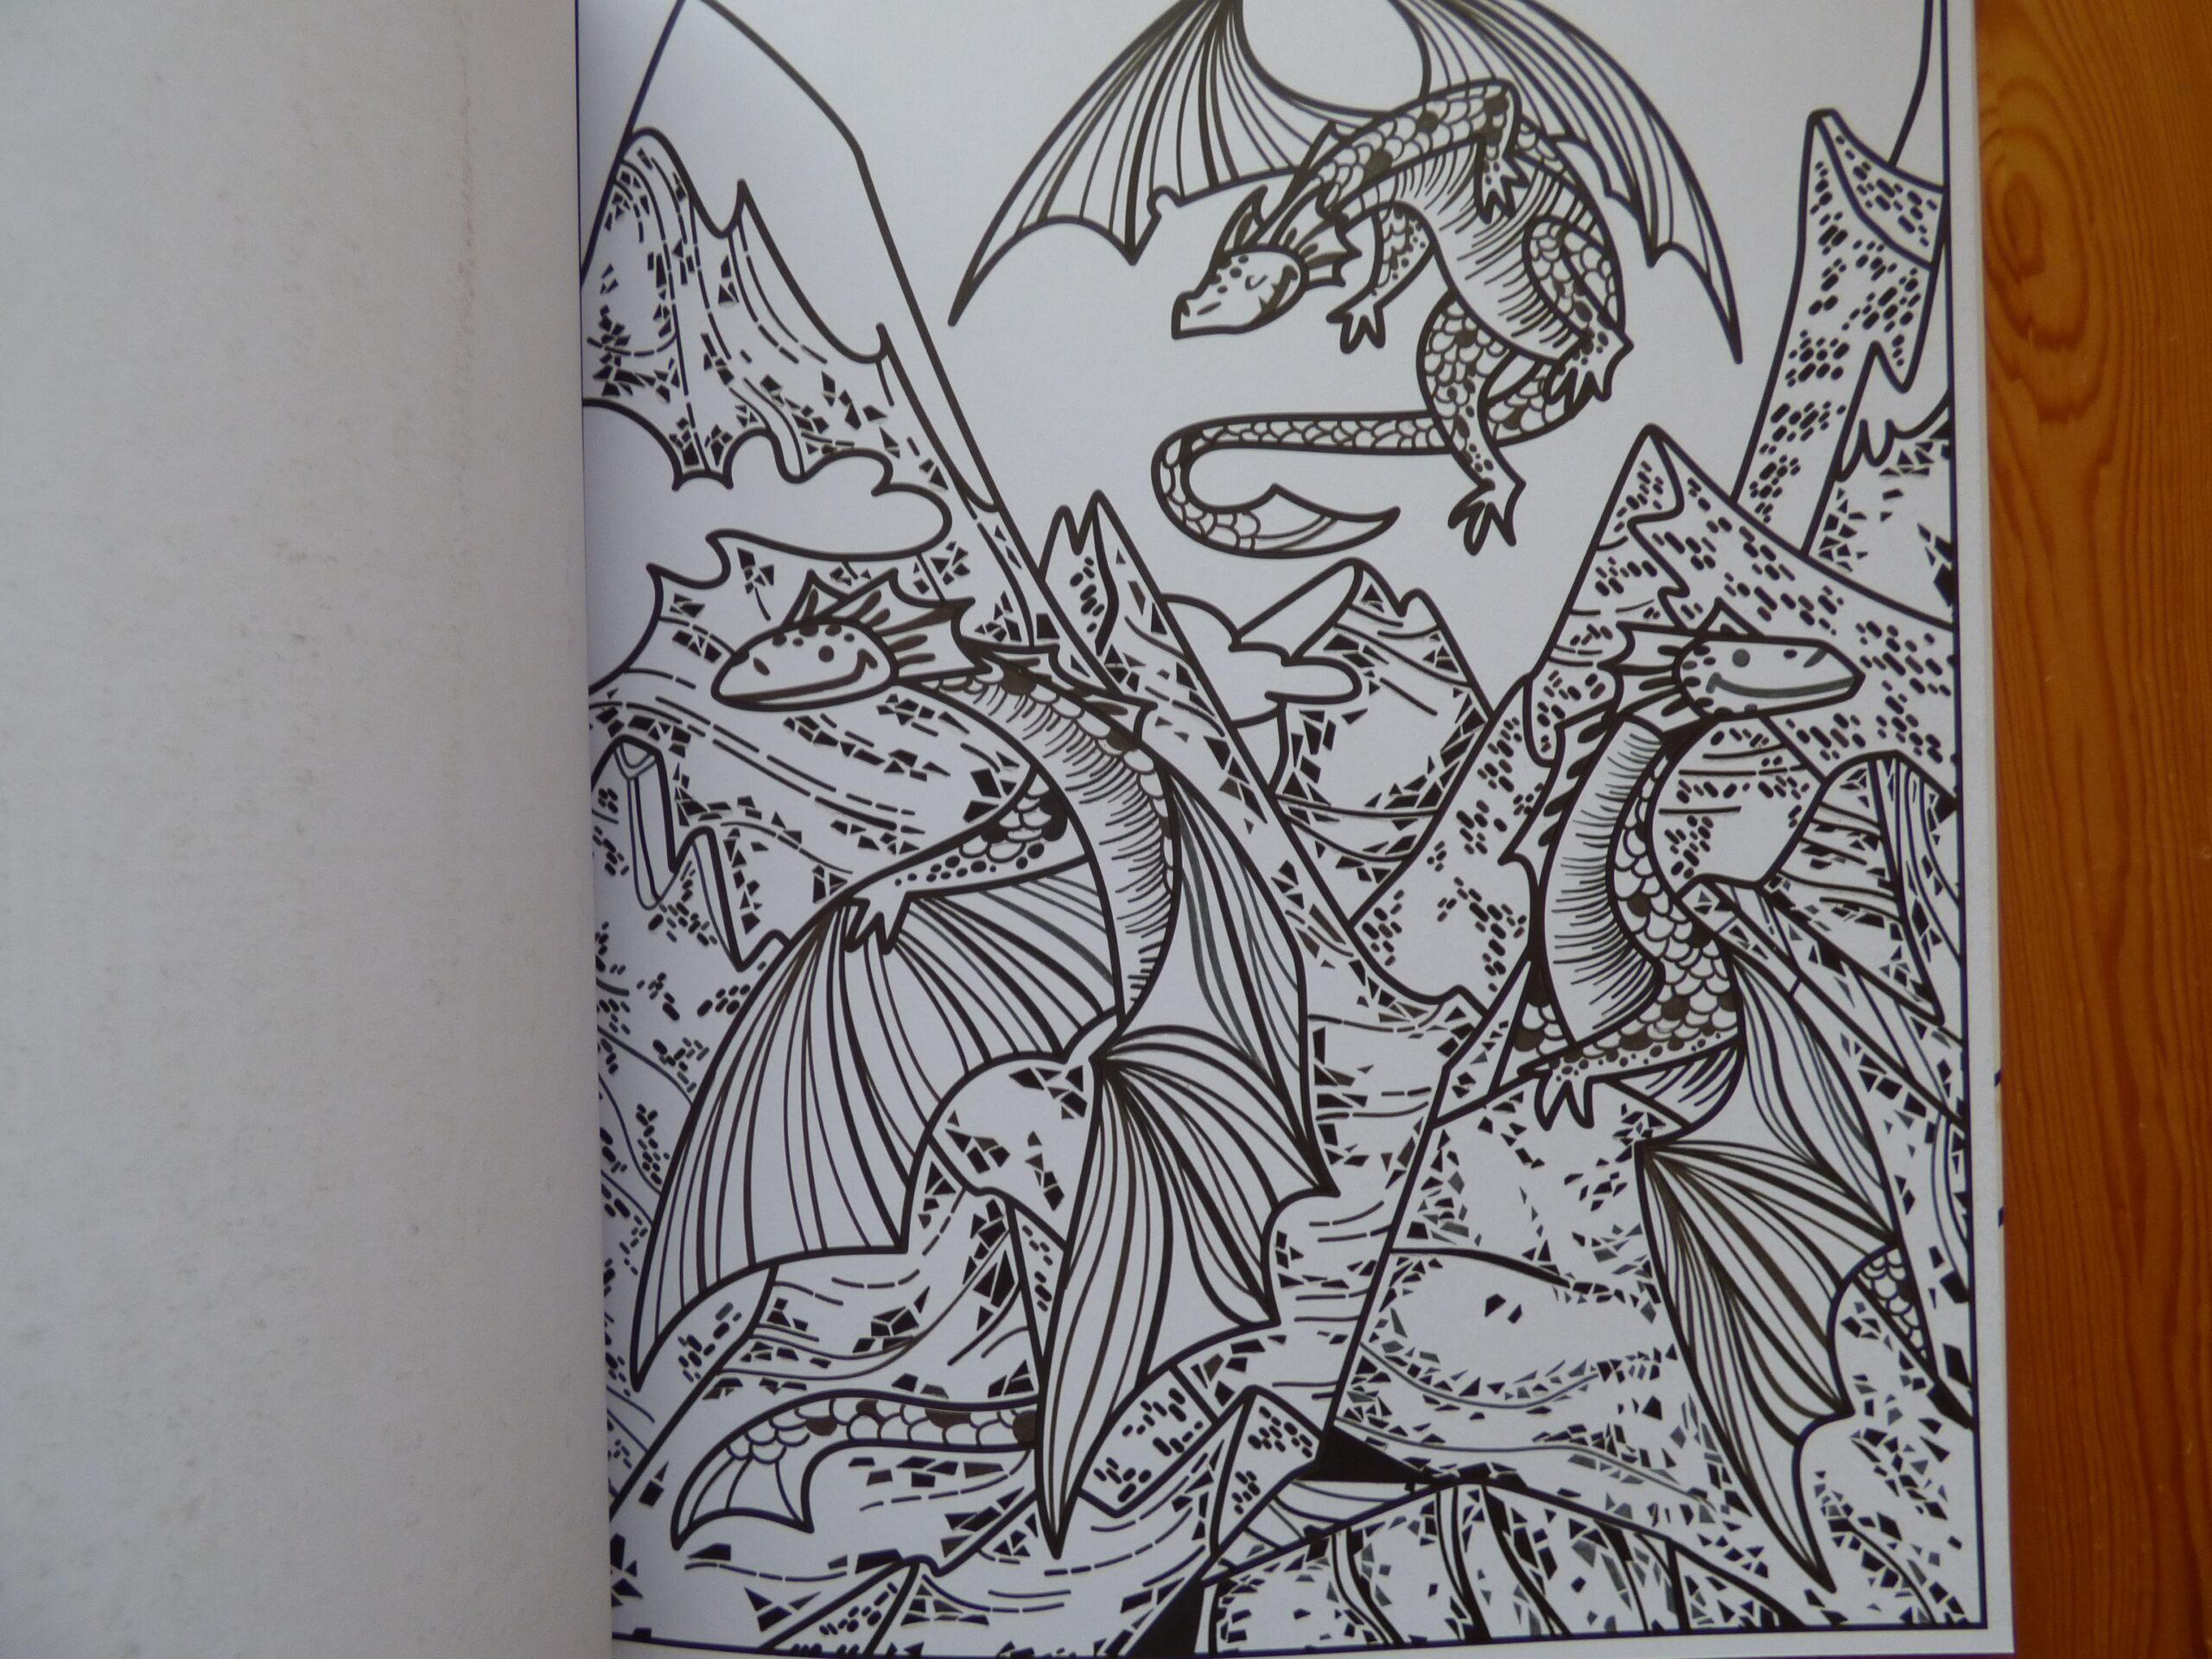 Les dragons peinture magique, extrait